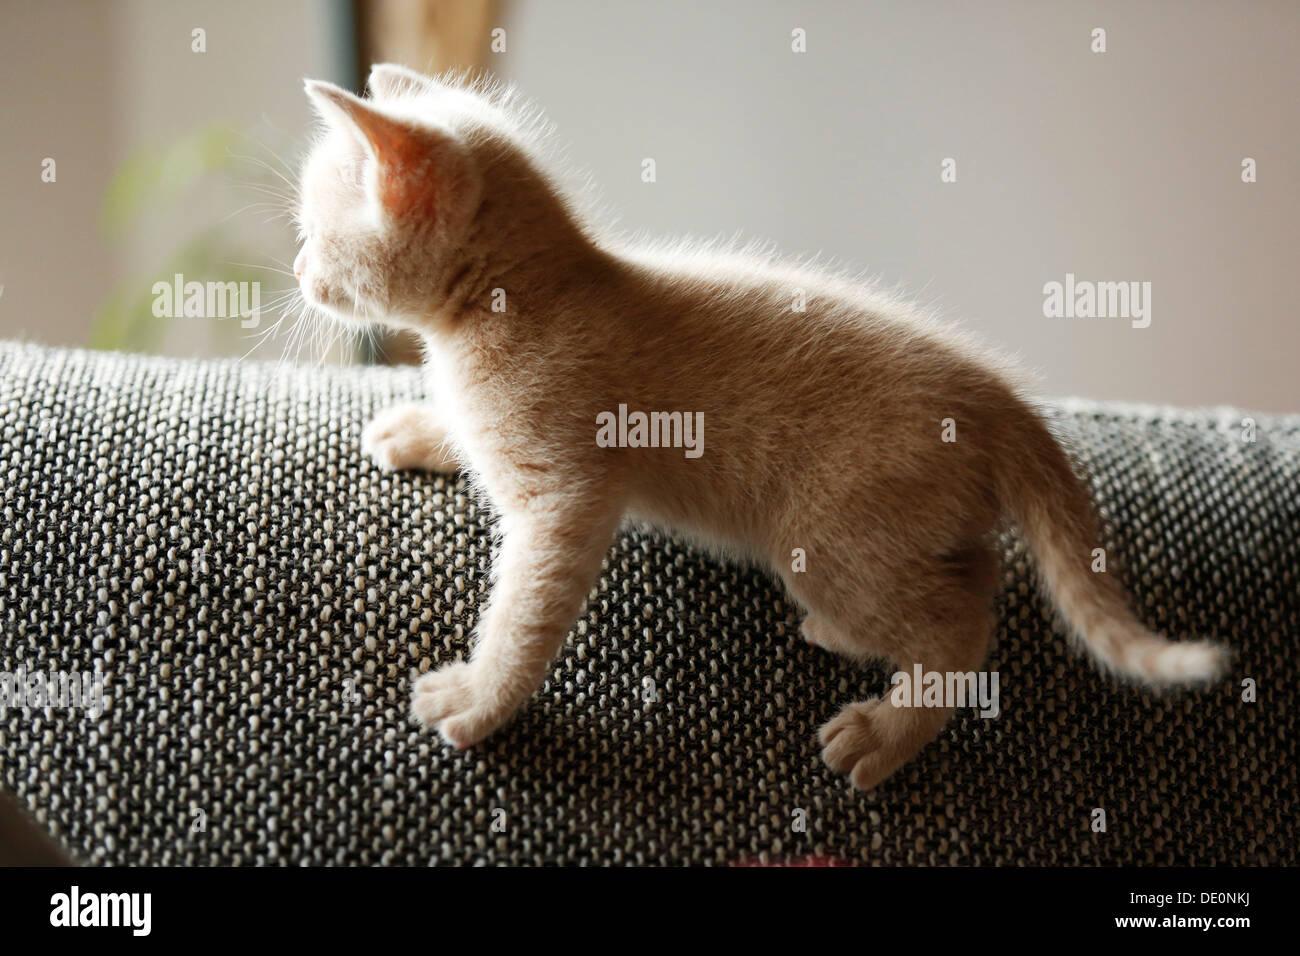 Chaton, 6 semaines, debout sur un canapé Photo Stock